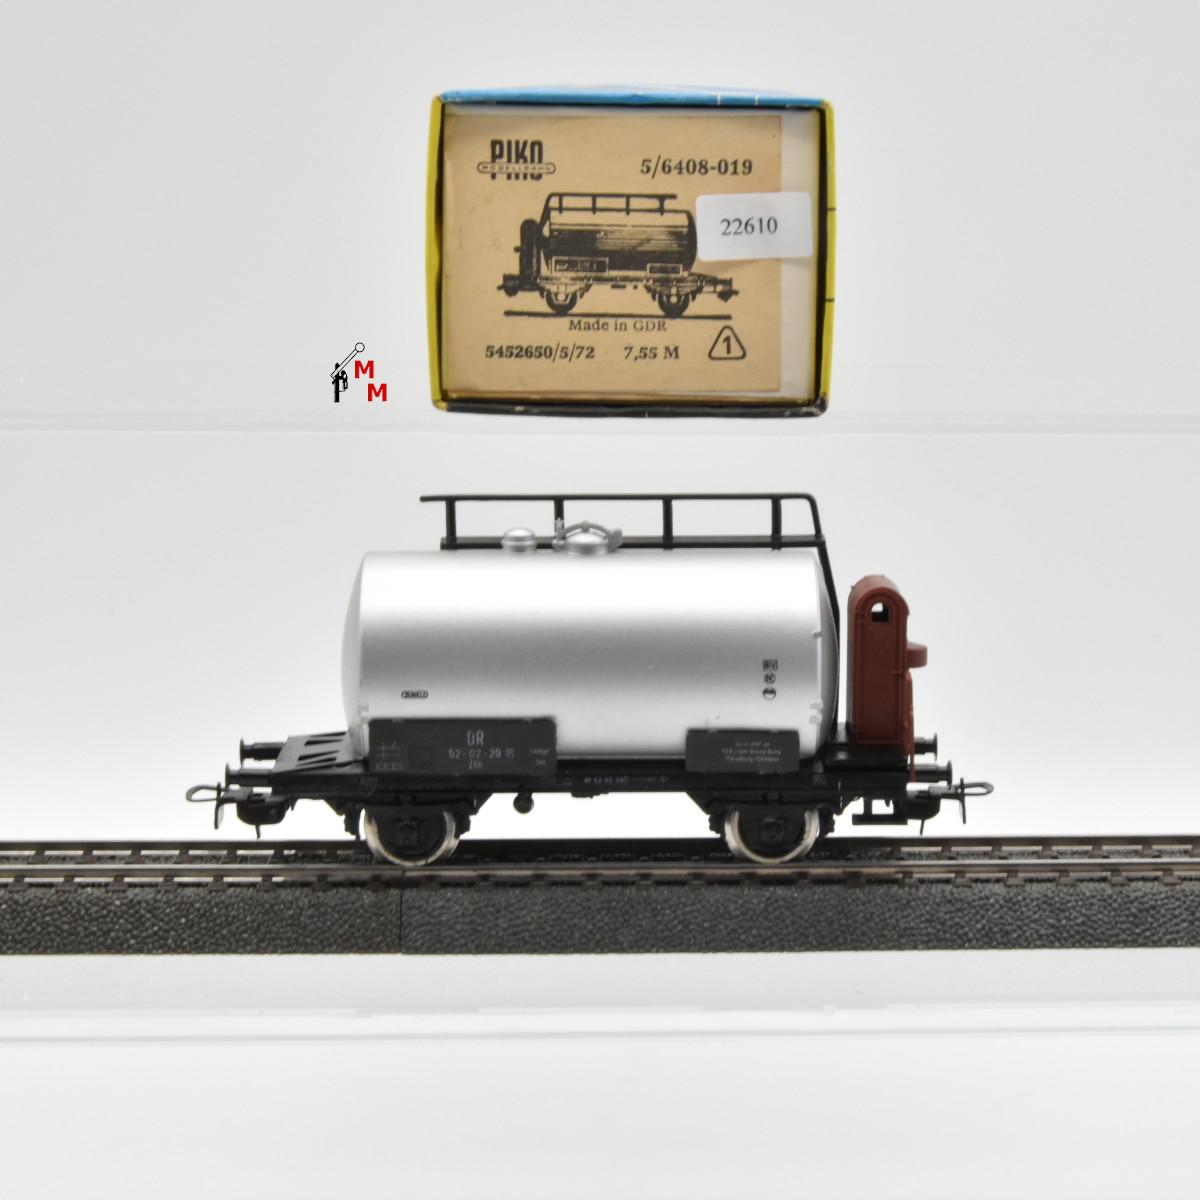 Piko 5/6408-019 Kesselwagen der DR, (22610)